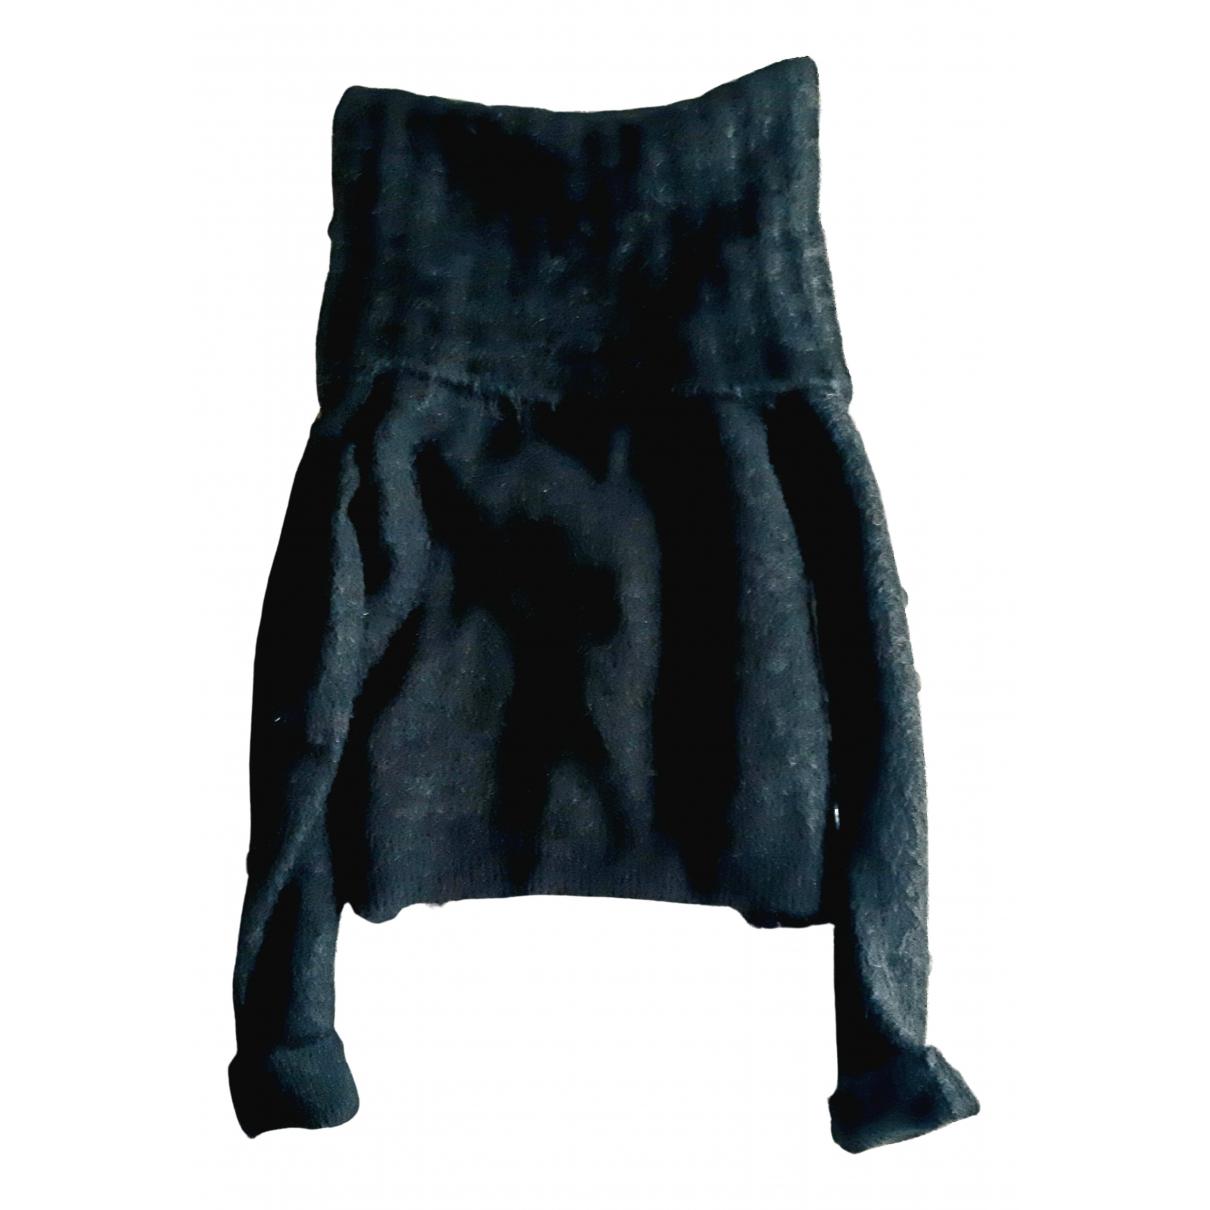 Acne Studios N Black Wool Knitwear for Women M International